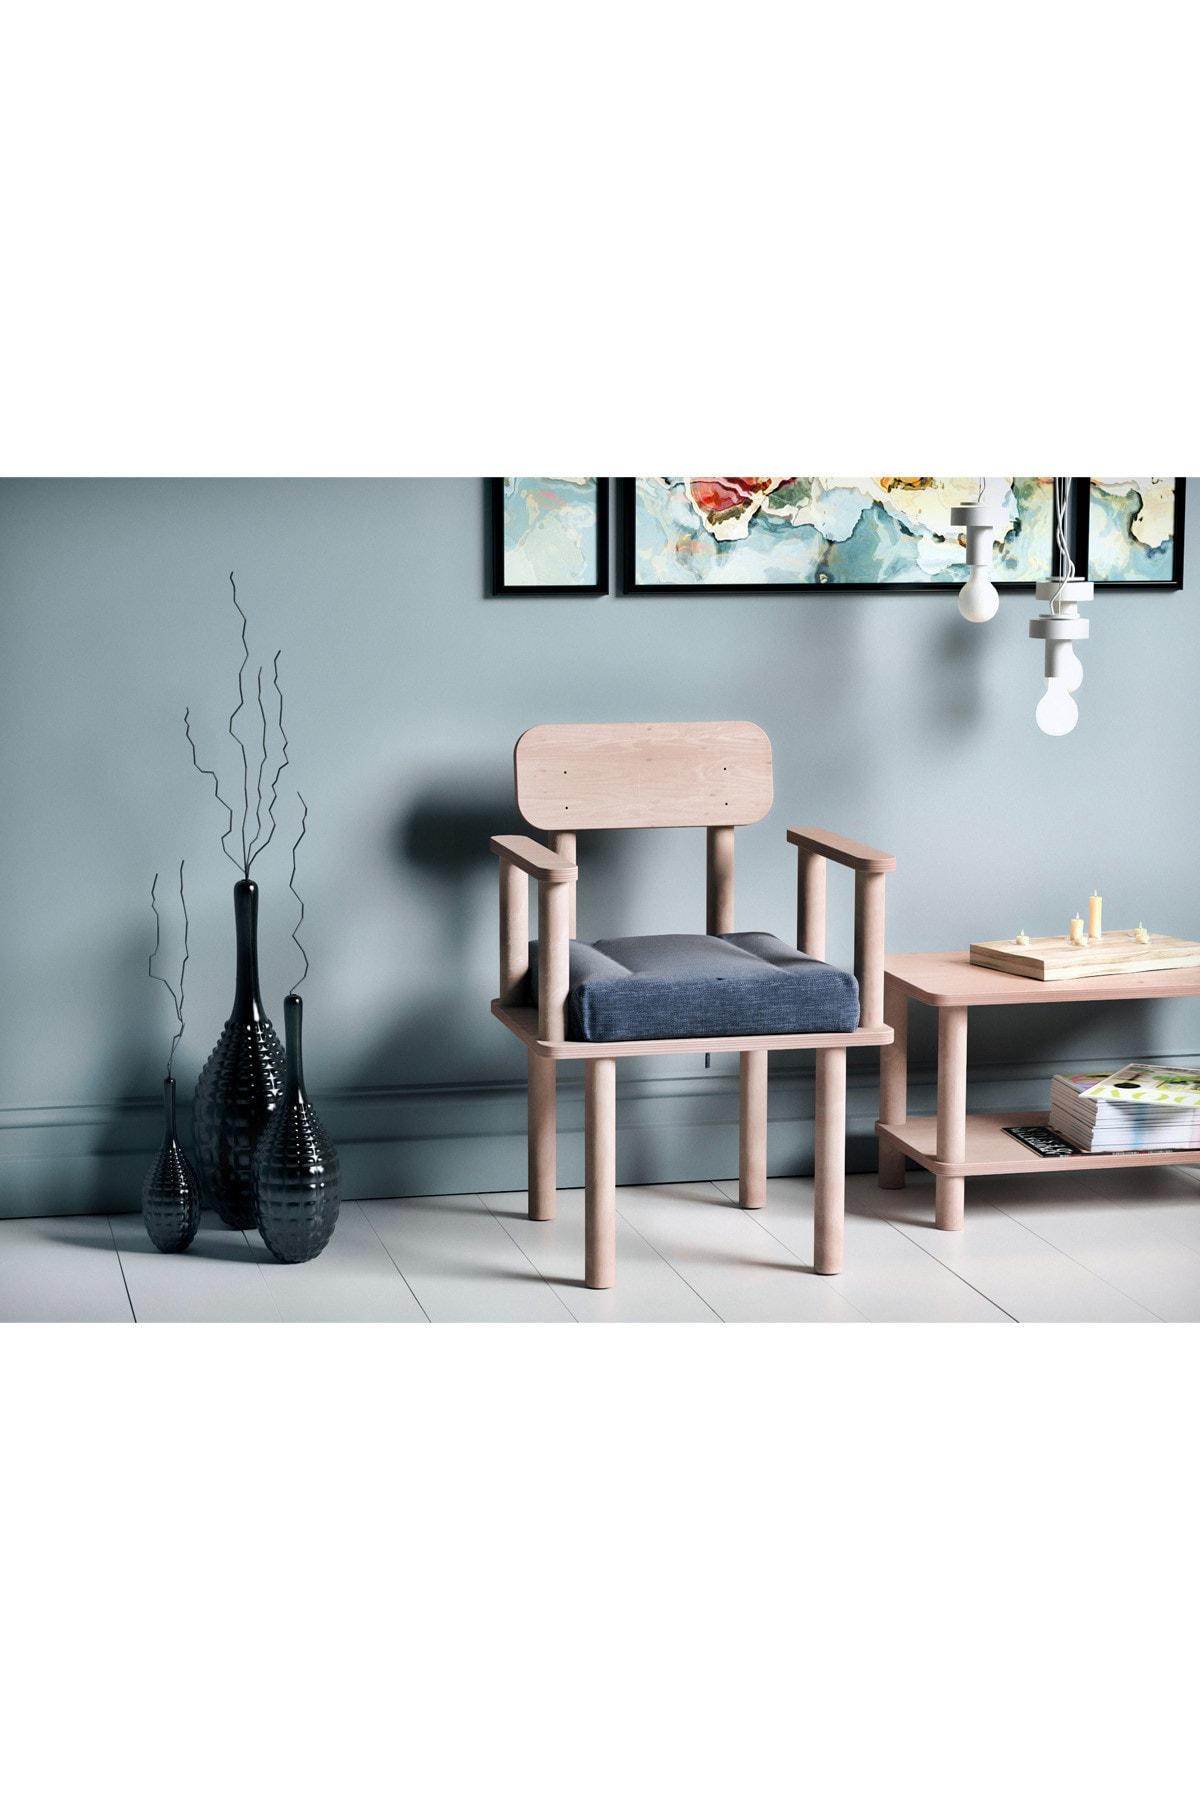 VUDIVA Magnesia Kolçaklı Sandalye Antrasit